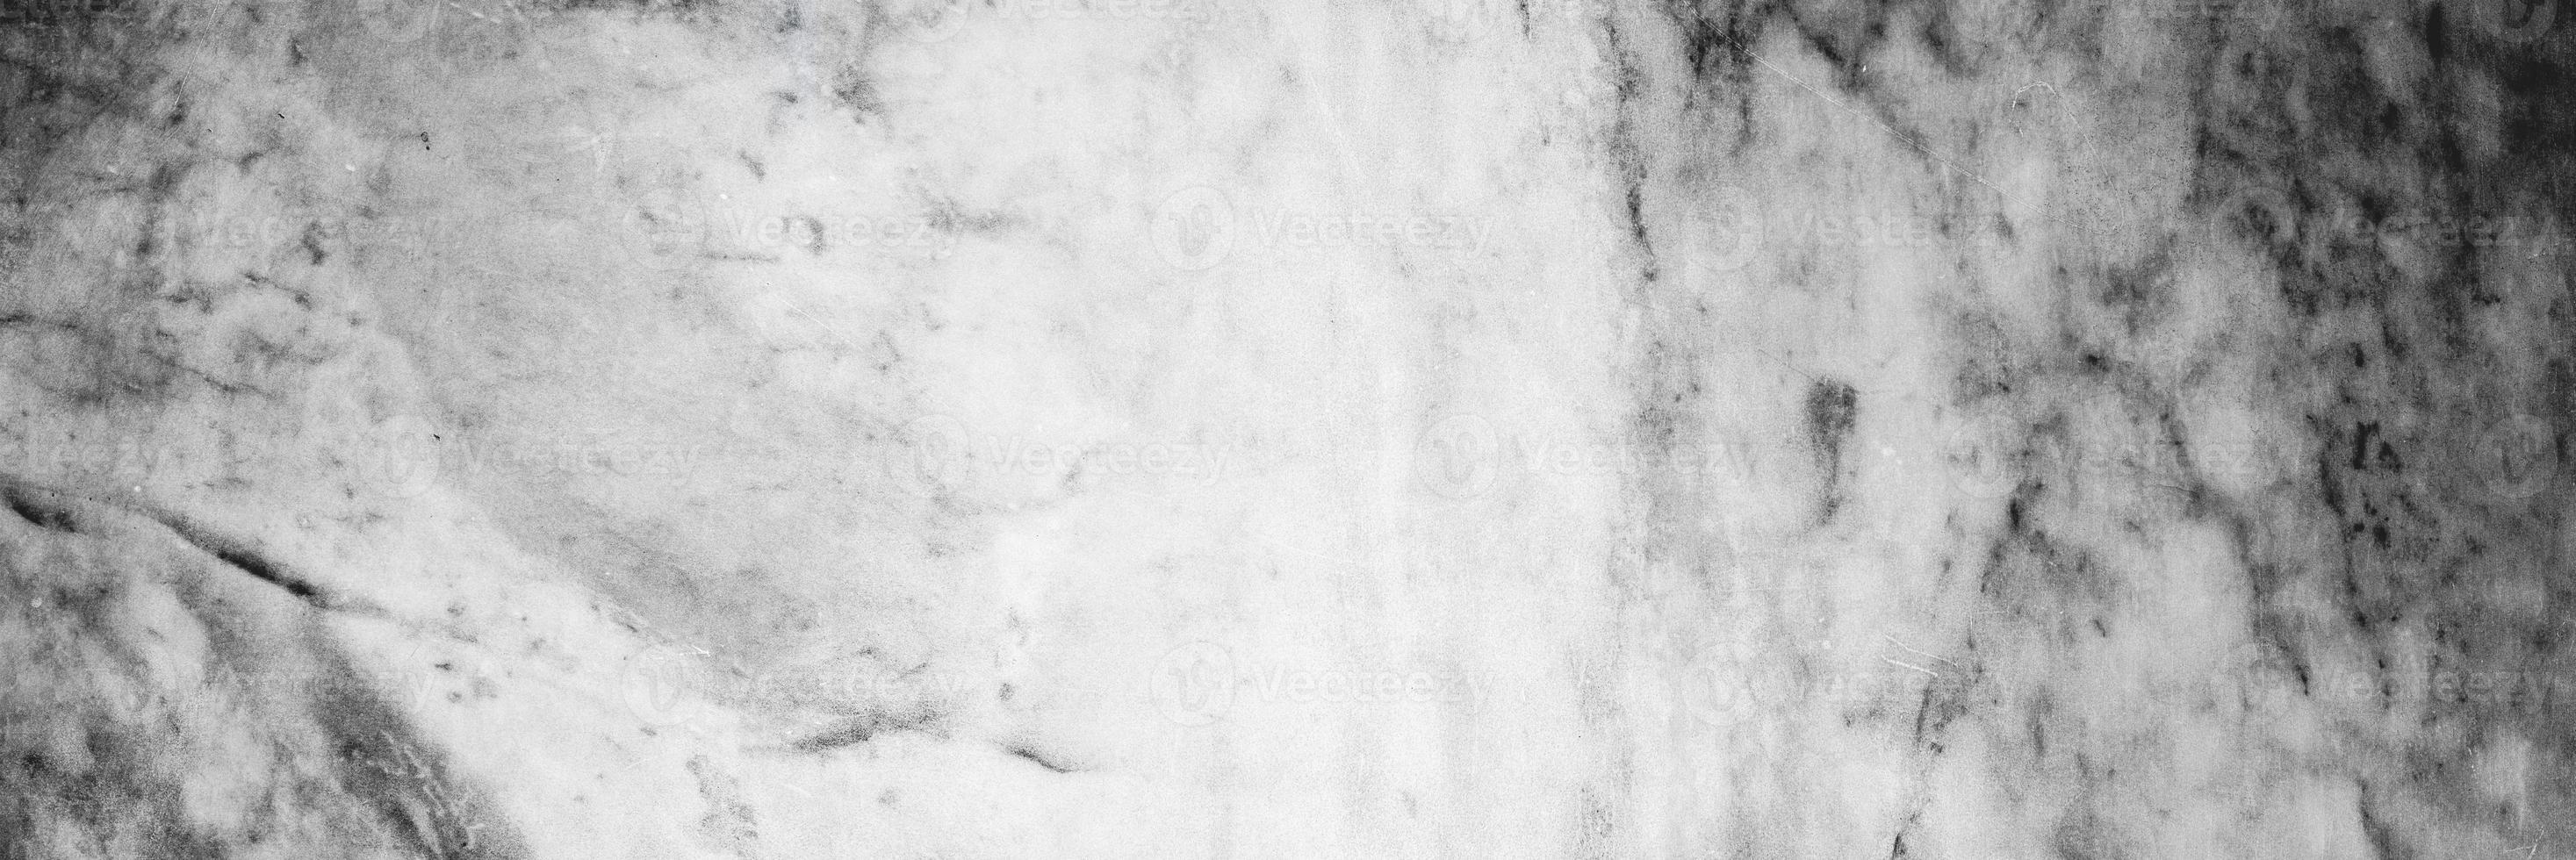 mármol blanco y gris para el fondo o la textura foto